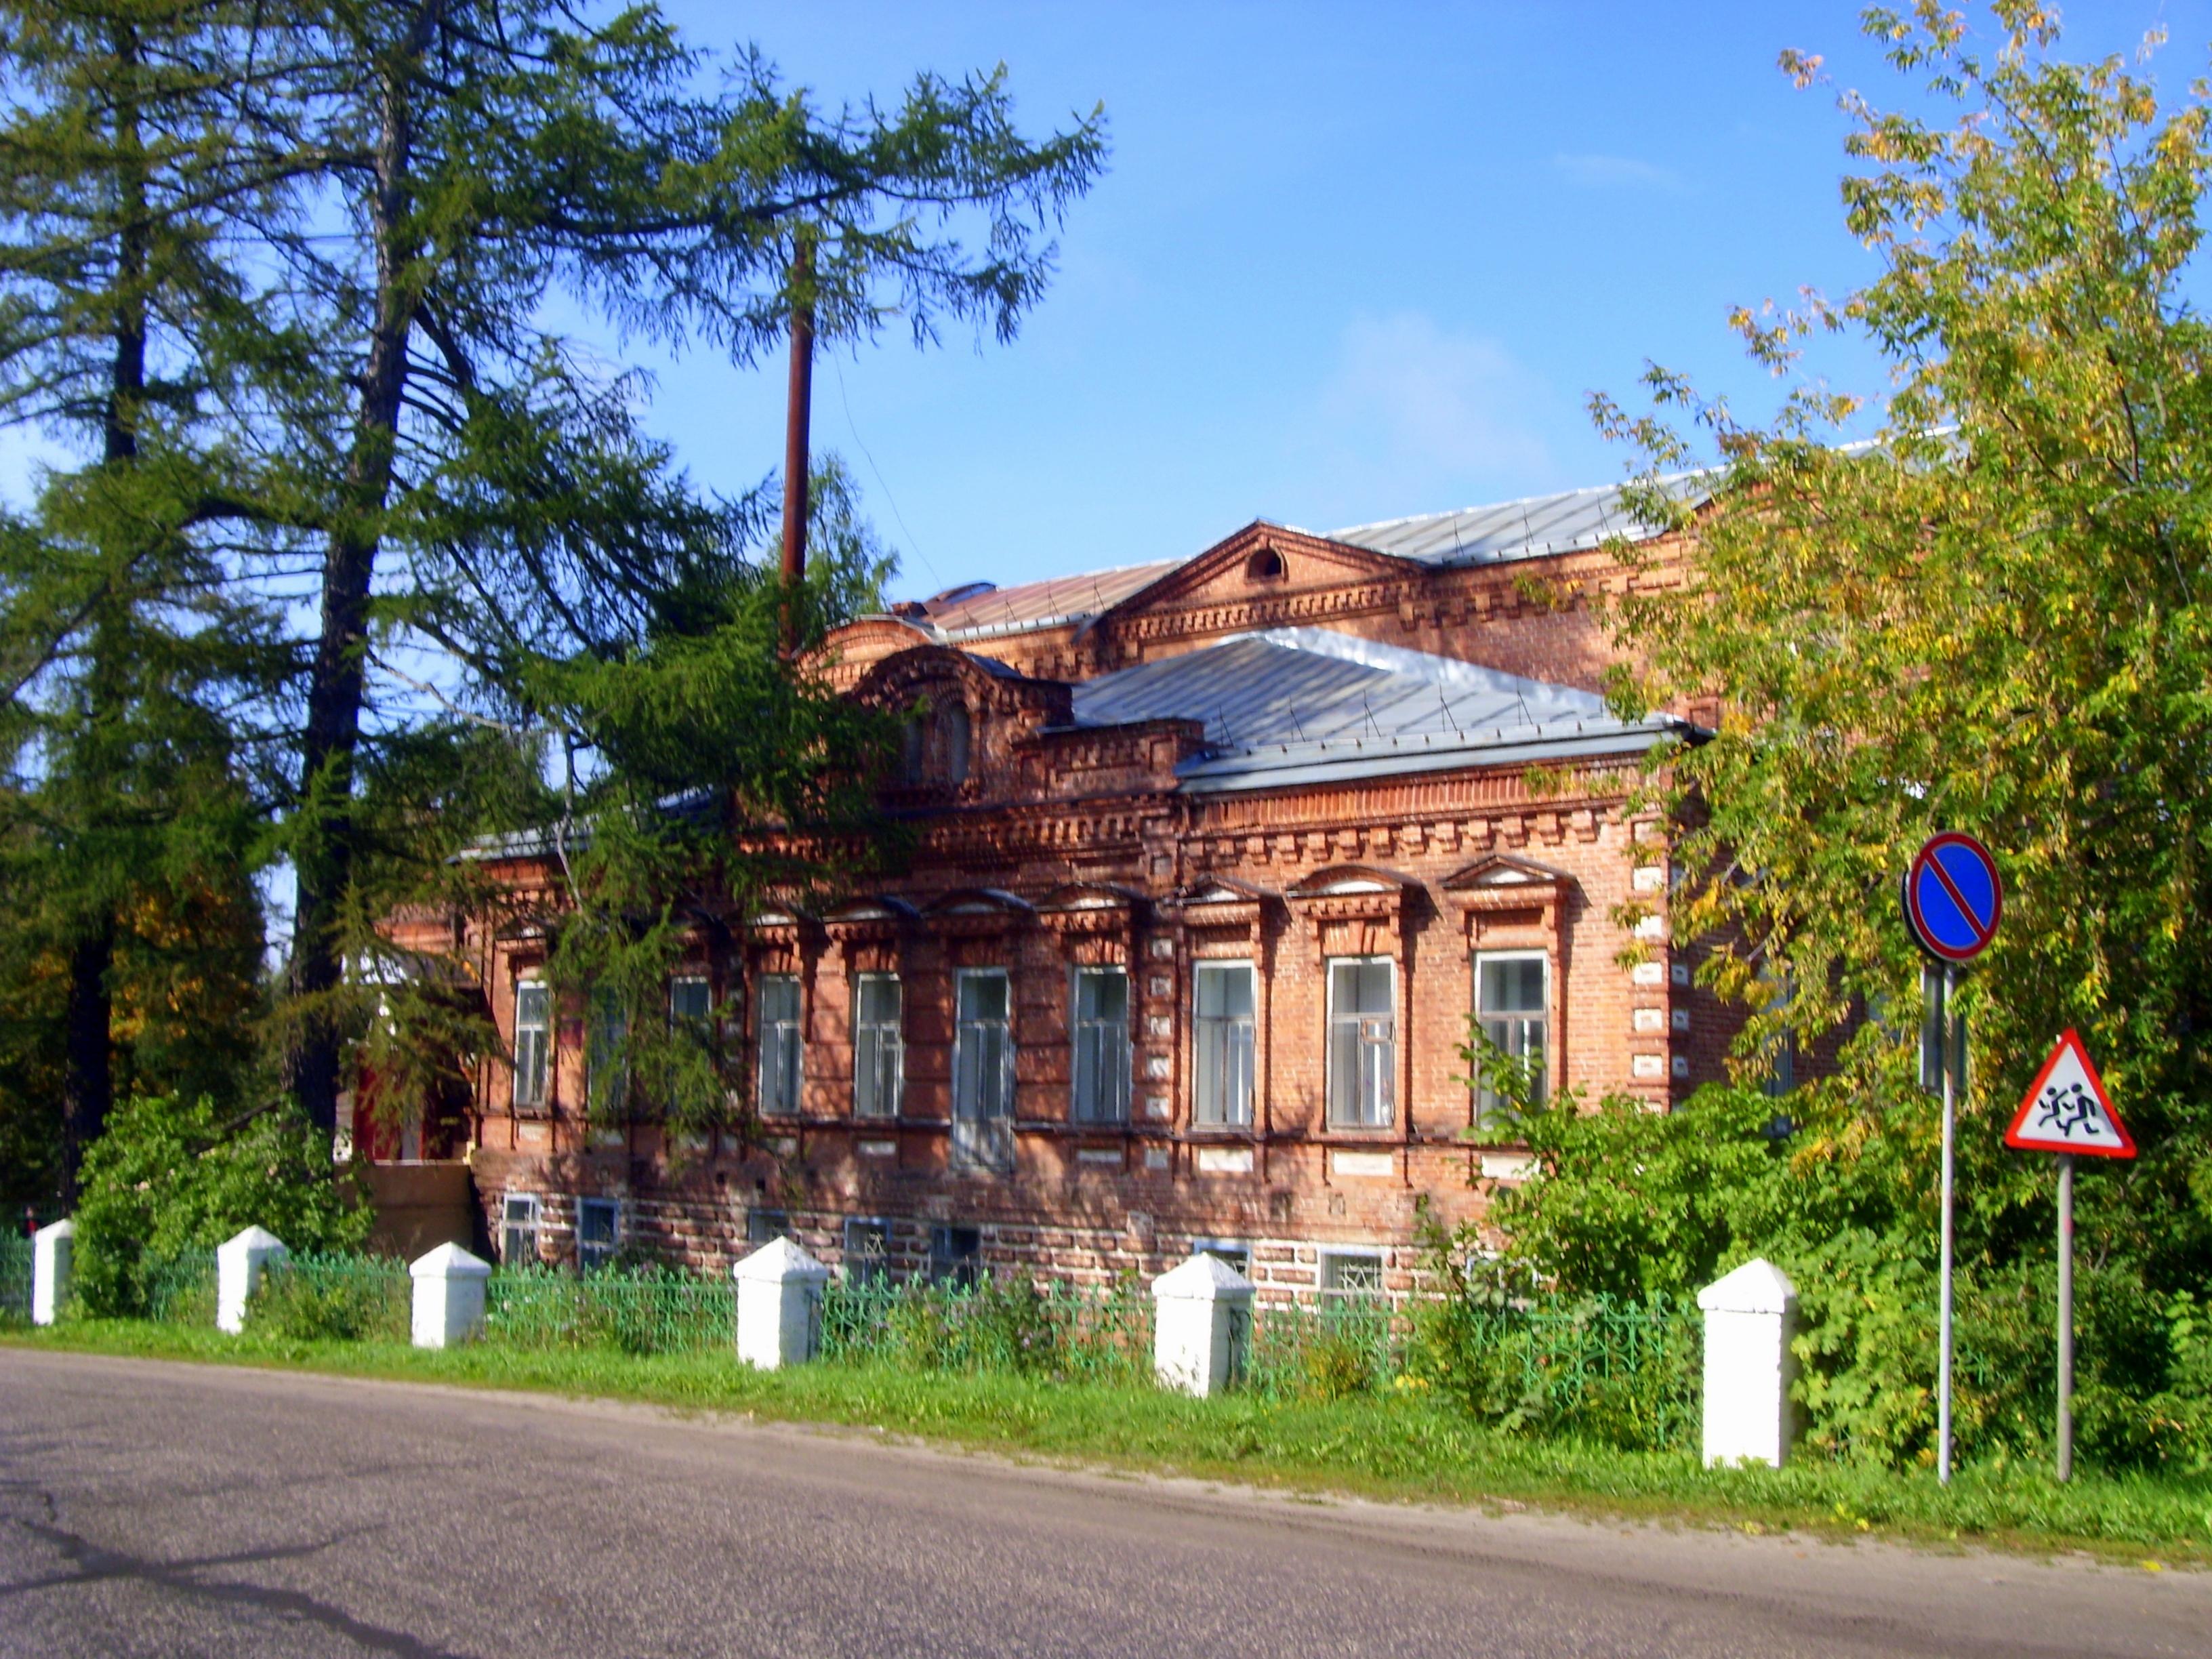 Дом престарелых в спасском районе нижегородской области социальные дома престарелых в санкт-петербурге